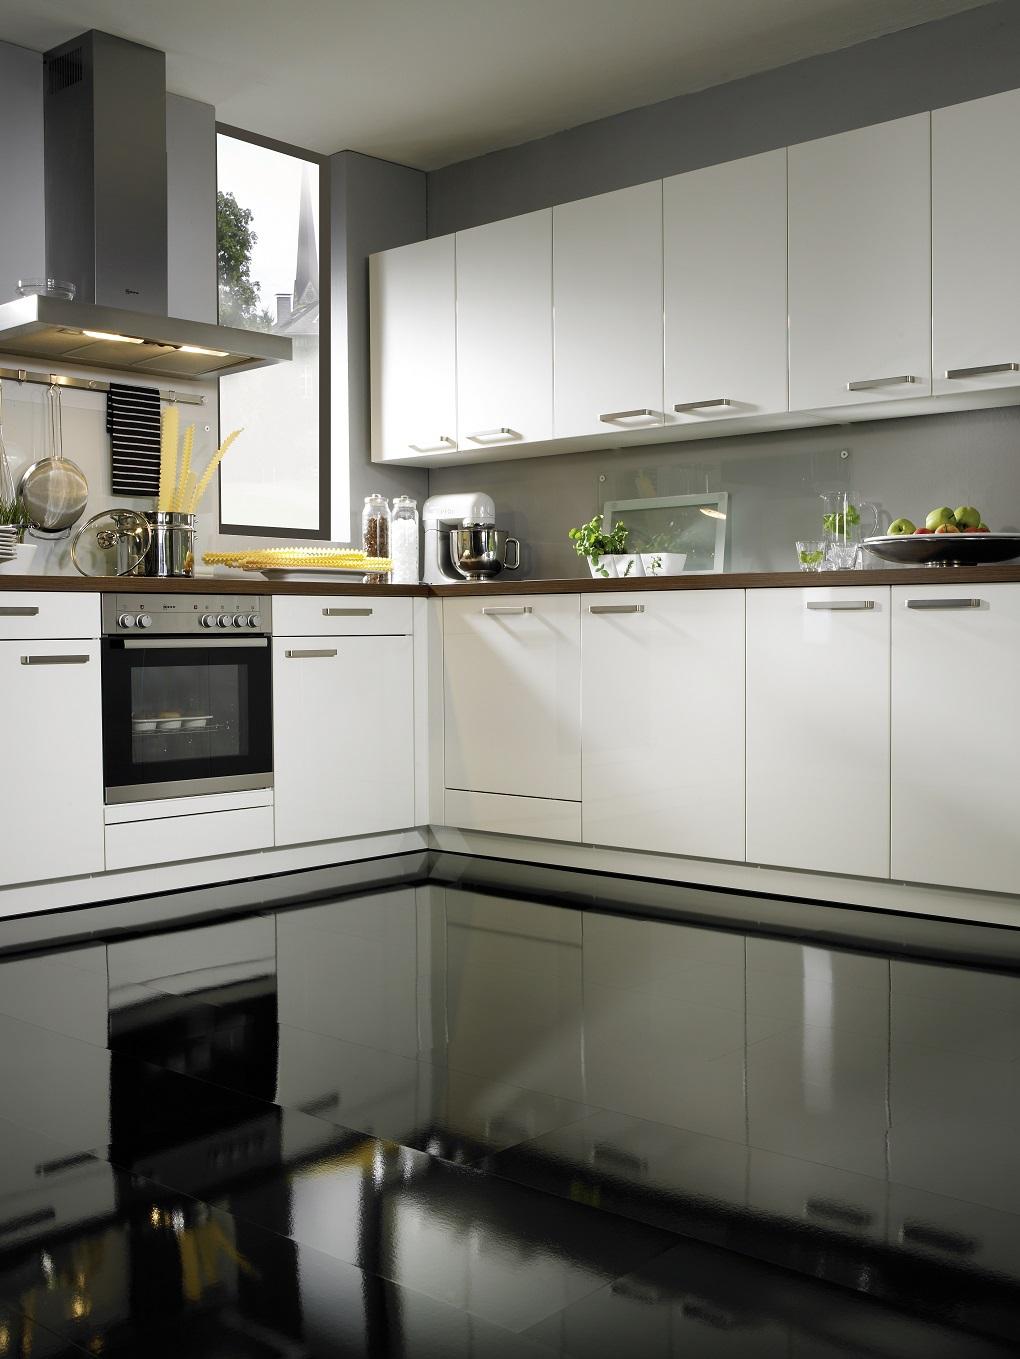 Глянцевый черный пол на кухне